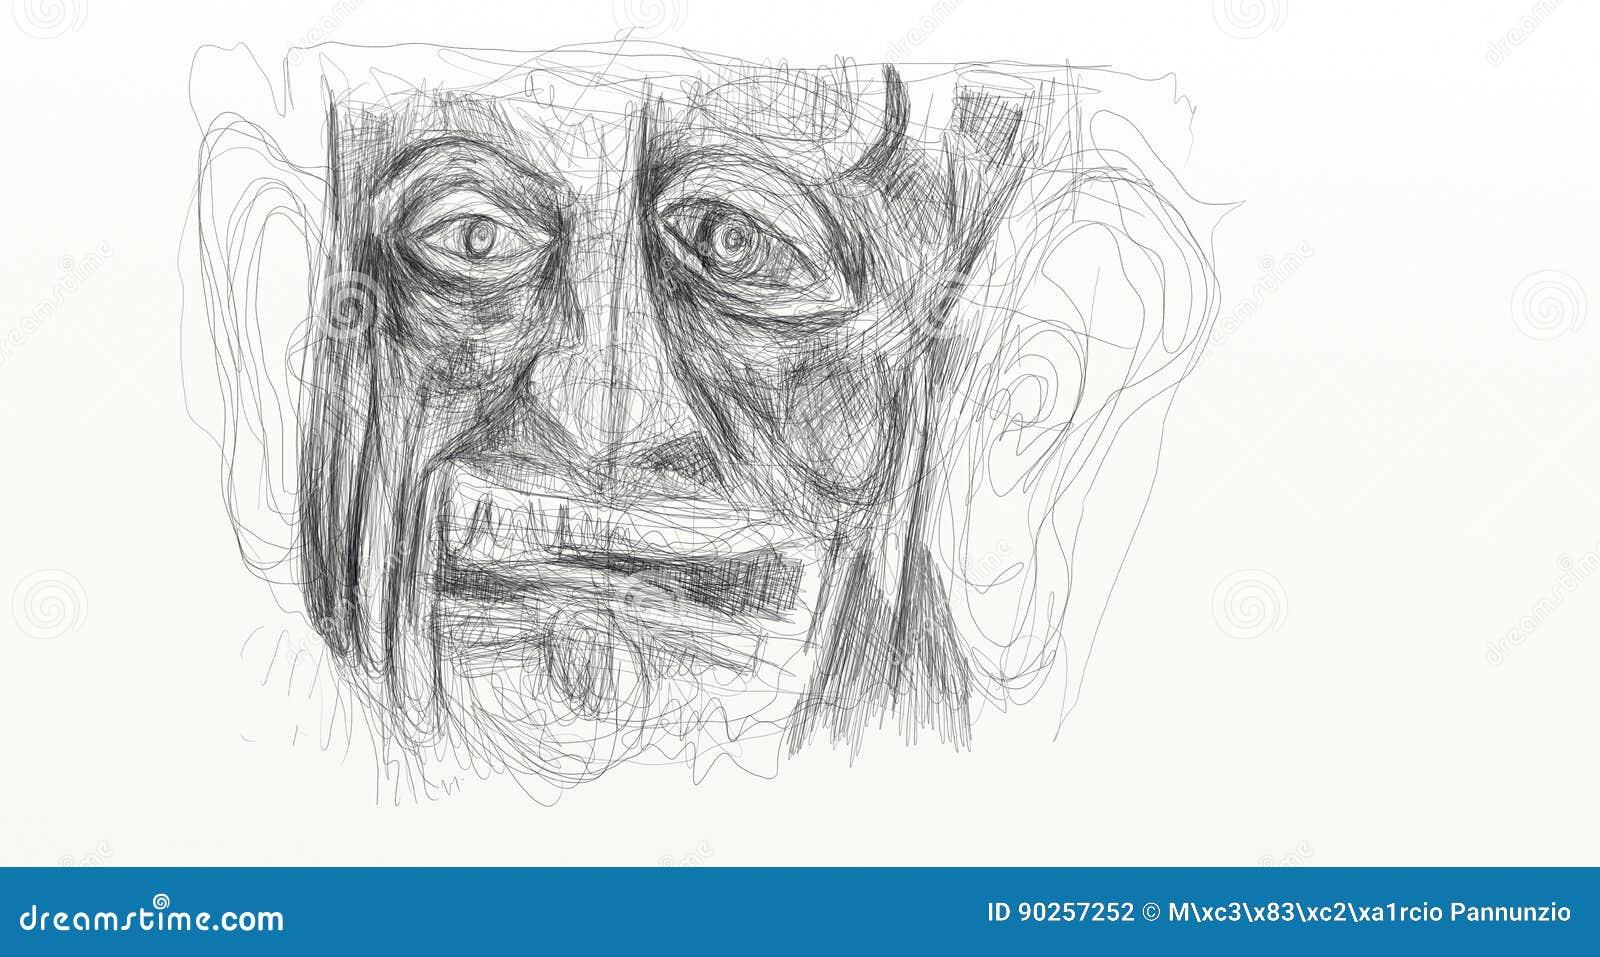 Η απεικόνιση έκανε από το ψηφιακό σχέδιο που παρουσιάζει λεπτομέρεια του προσώπου ενός ατόμου που στενοχωρήθηκε, ζαλισμένος, κατά